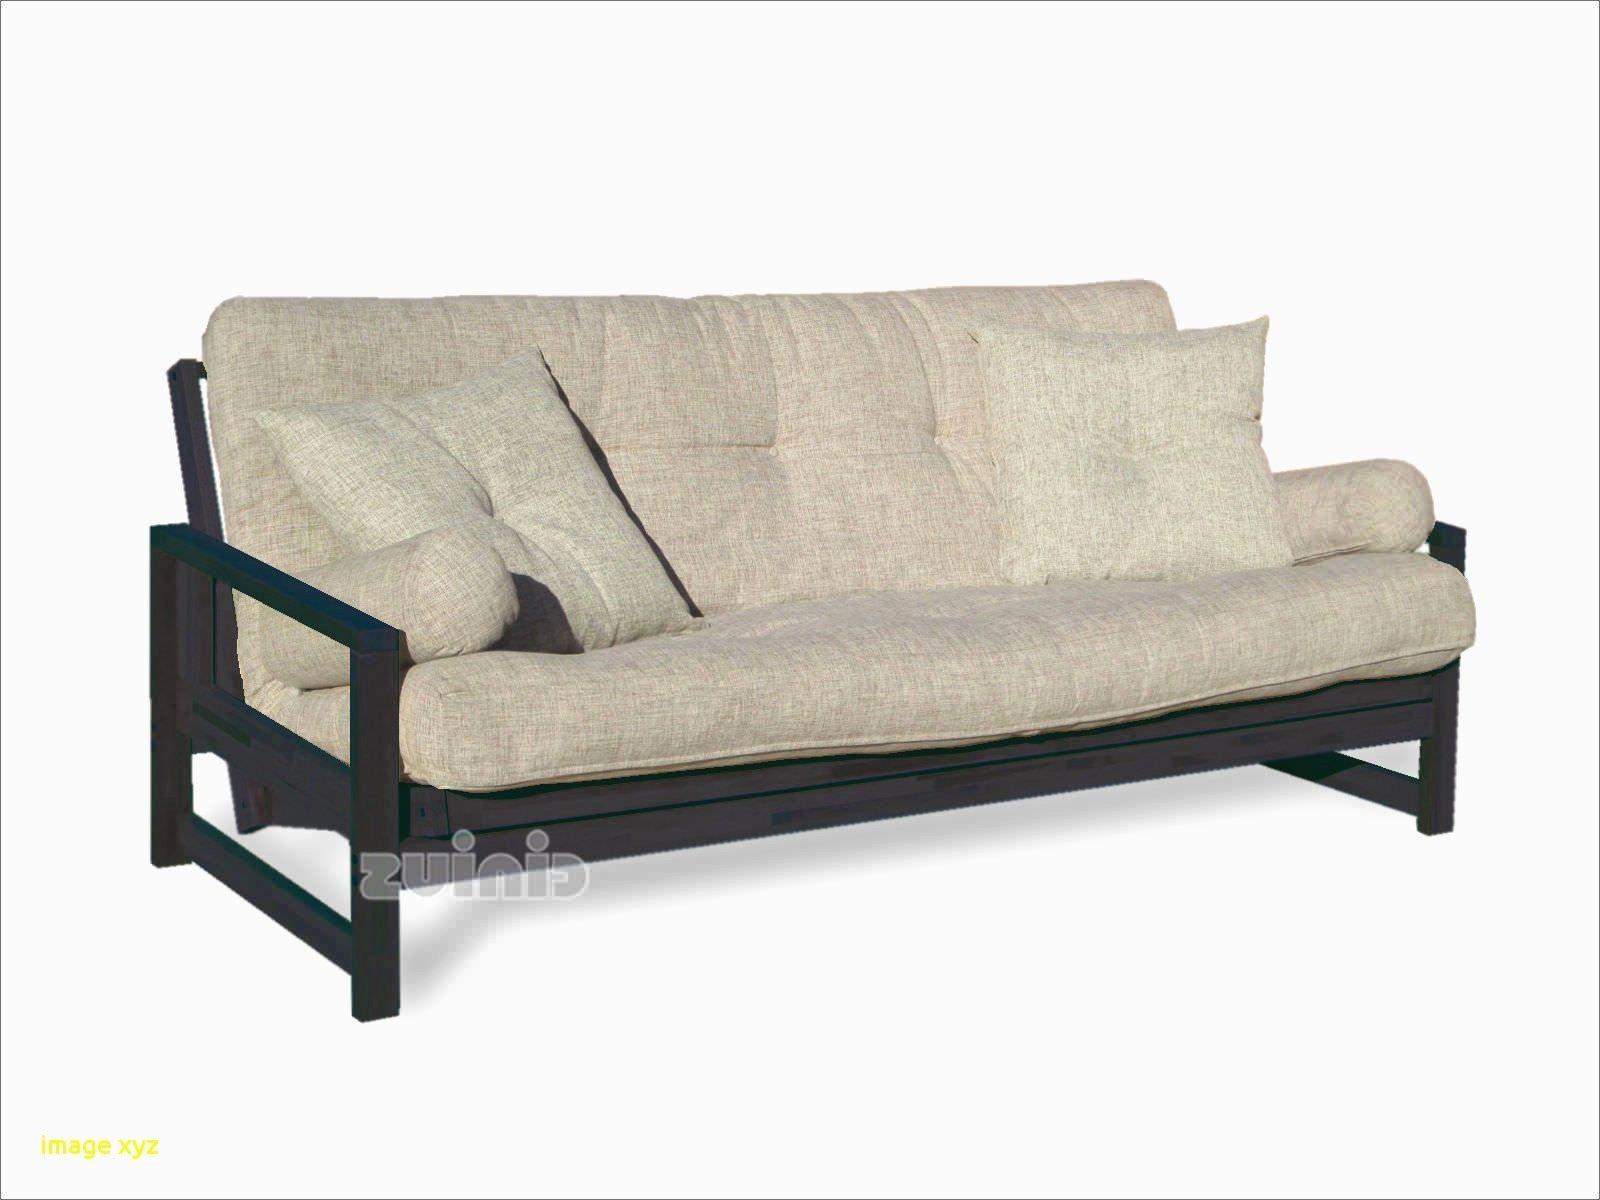 Bz Pas Cher Ikea Beau Collection Matelas Design Merveilleux Matelas Futon Ikea Beau Matelas Futon